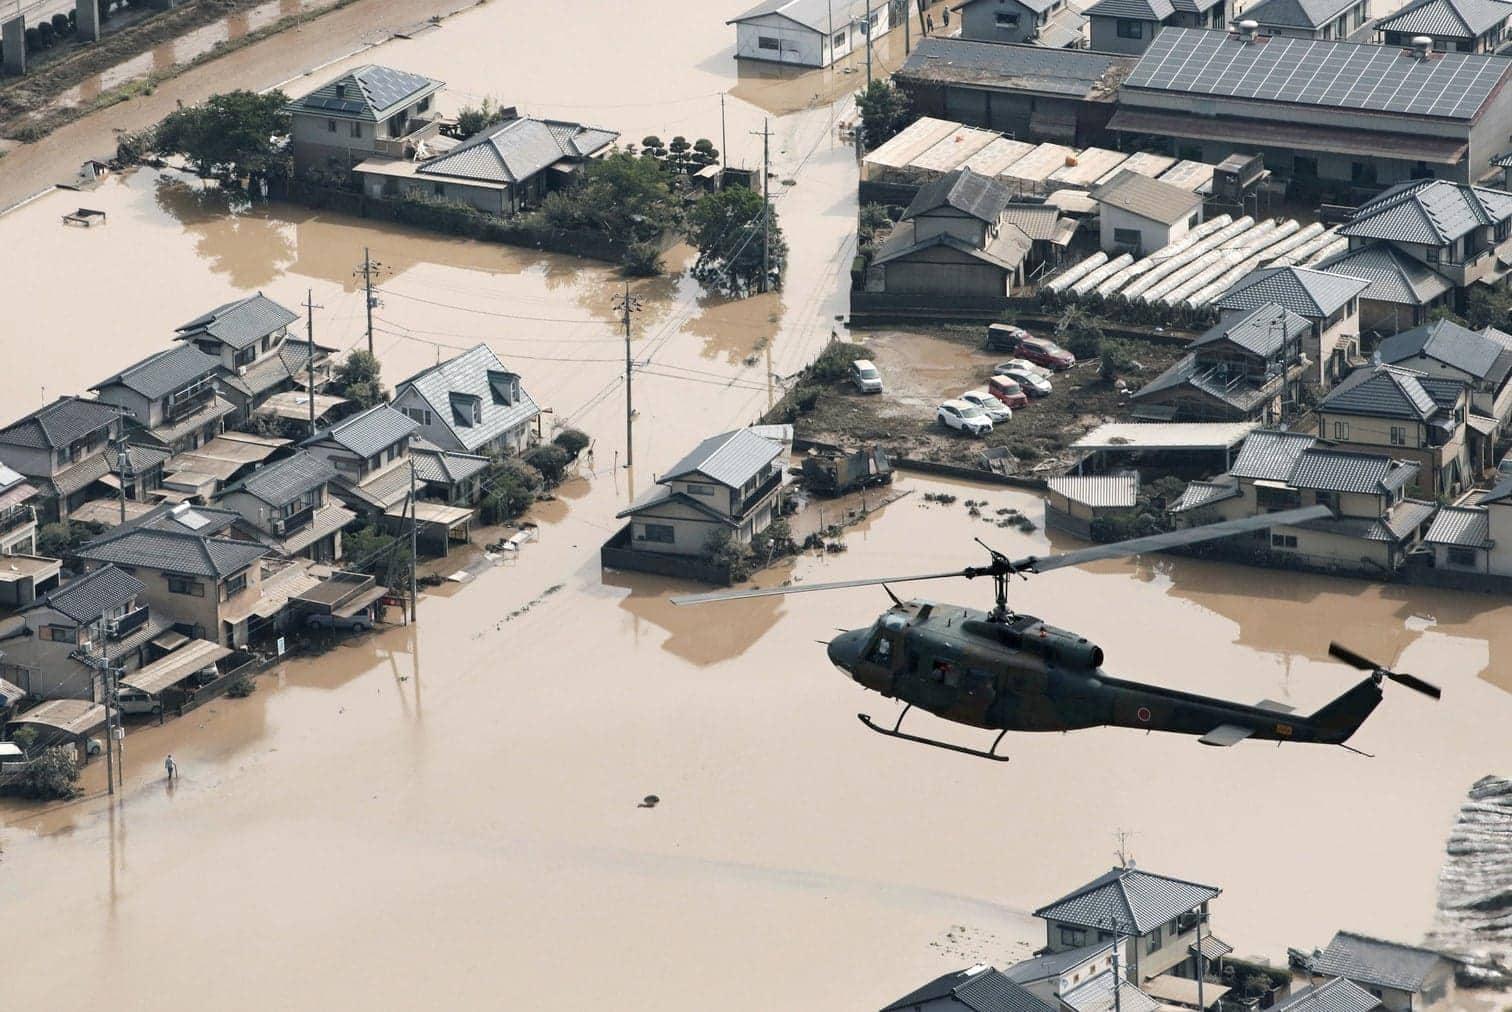 <p>Nach den heftigen Überschwemmungen und Erdrutschen durch Starkregen im Südwesten Japans werden Regierungsangaben zufolge mindestens 100 Tote befürchtet.</p> Foto: dpa